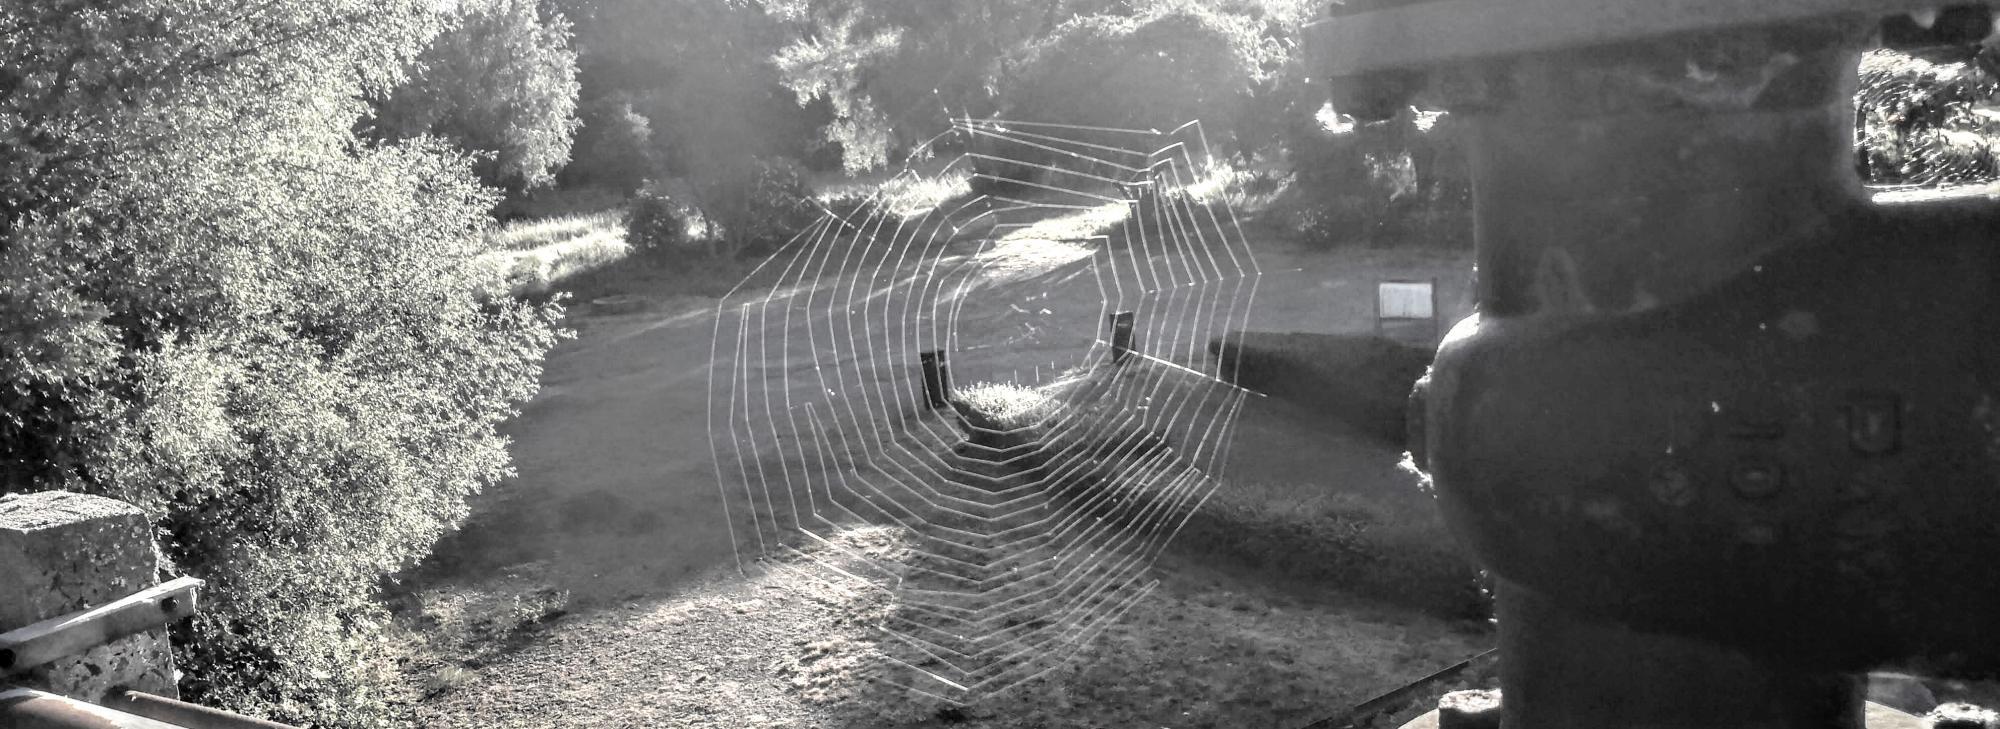 Toile d'araignée à Arques